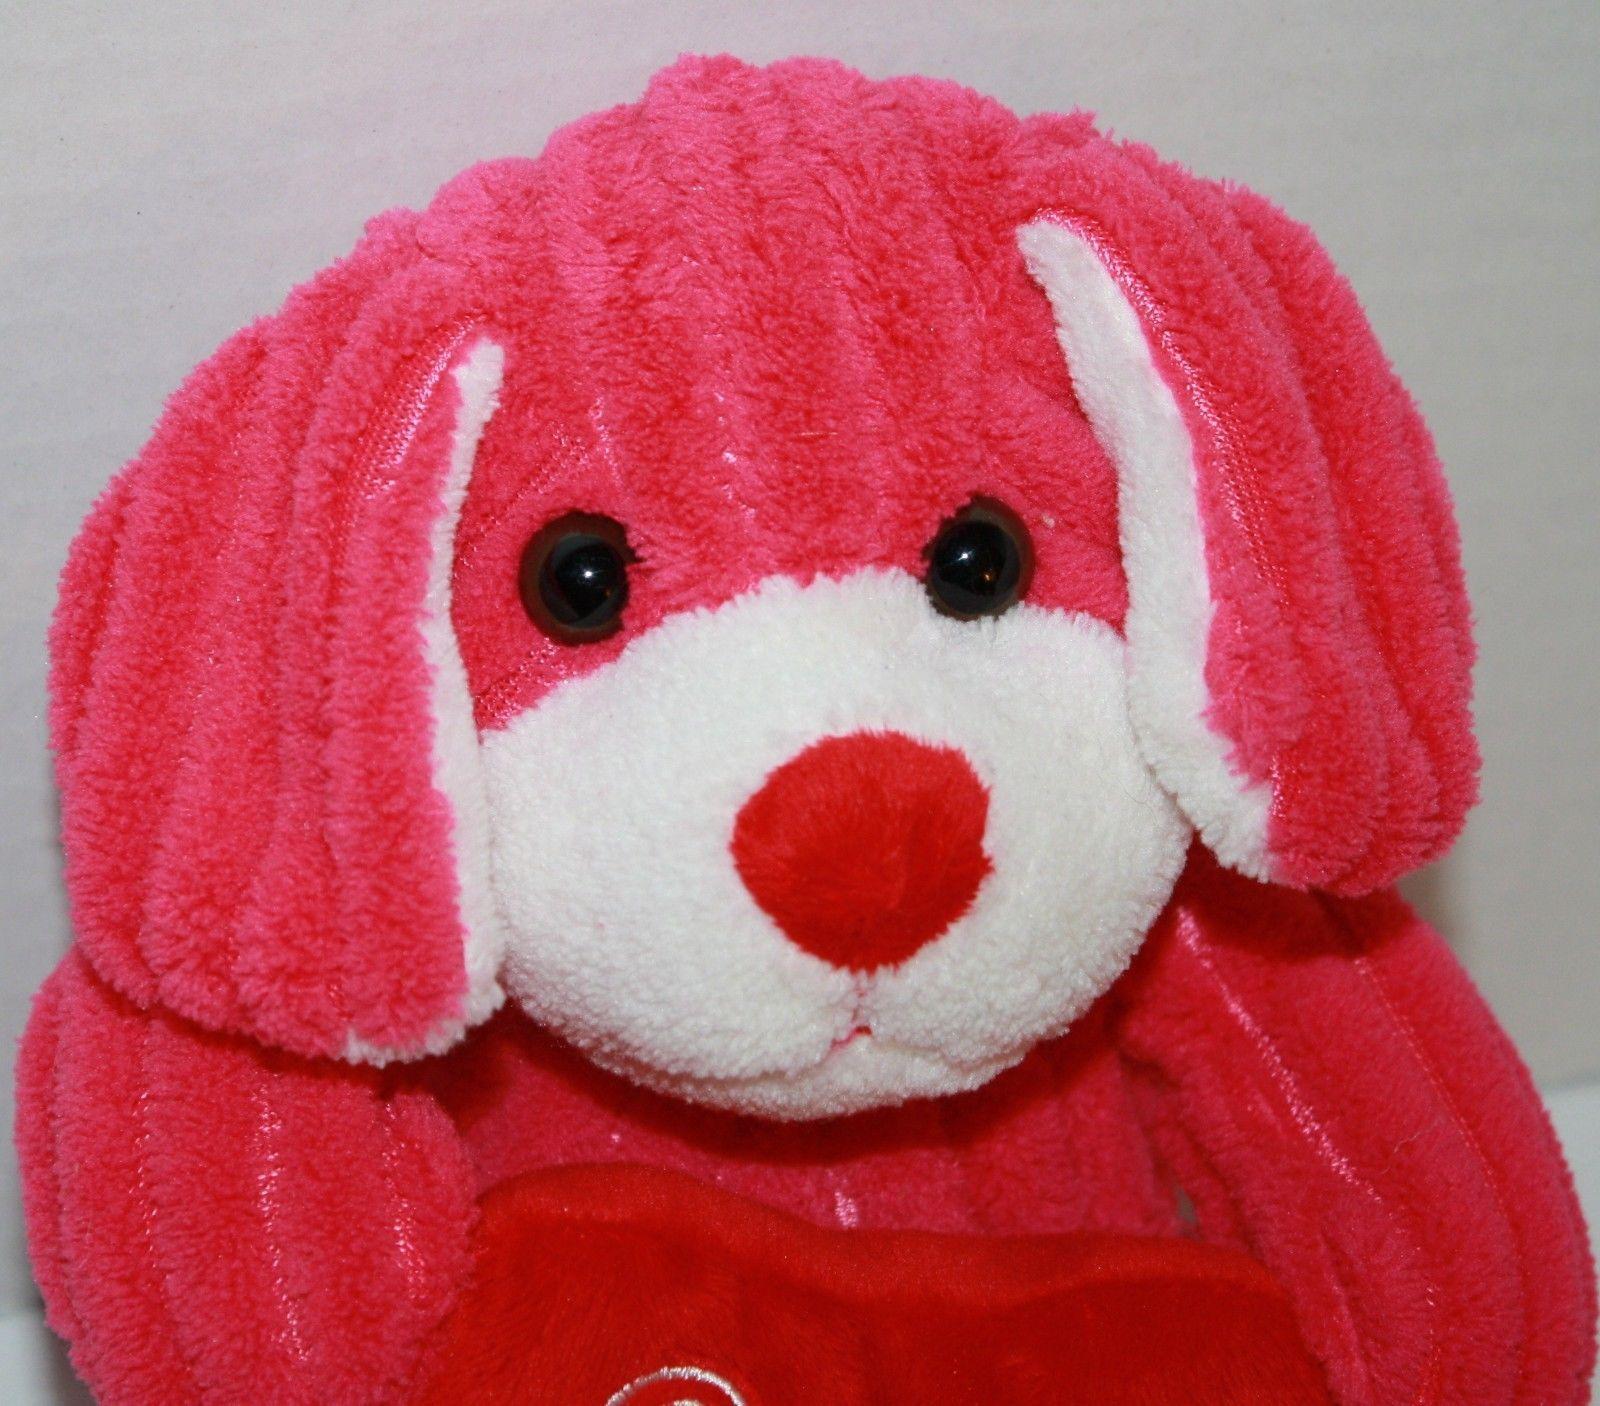 Plush Target Dog Target Pink Plush Chenille